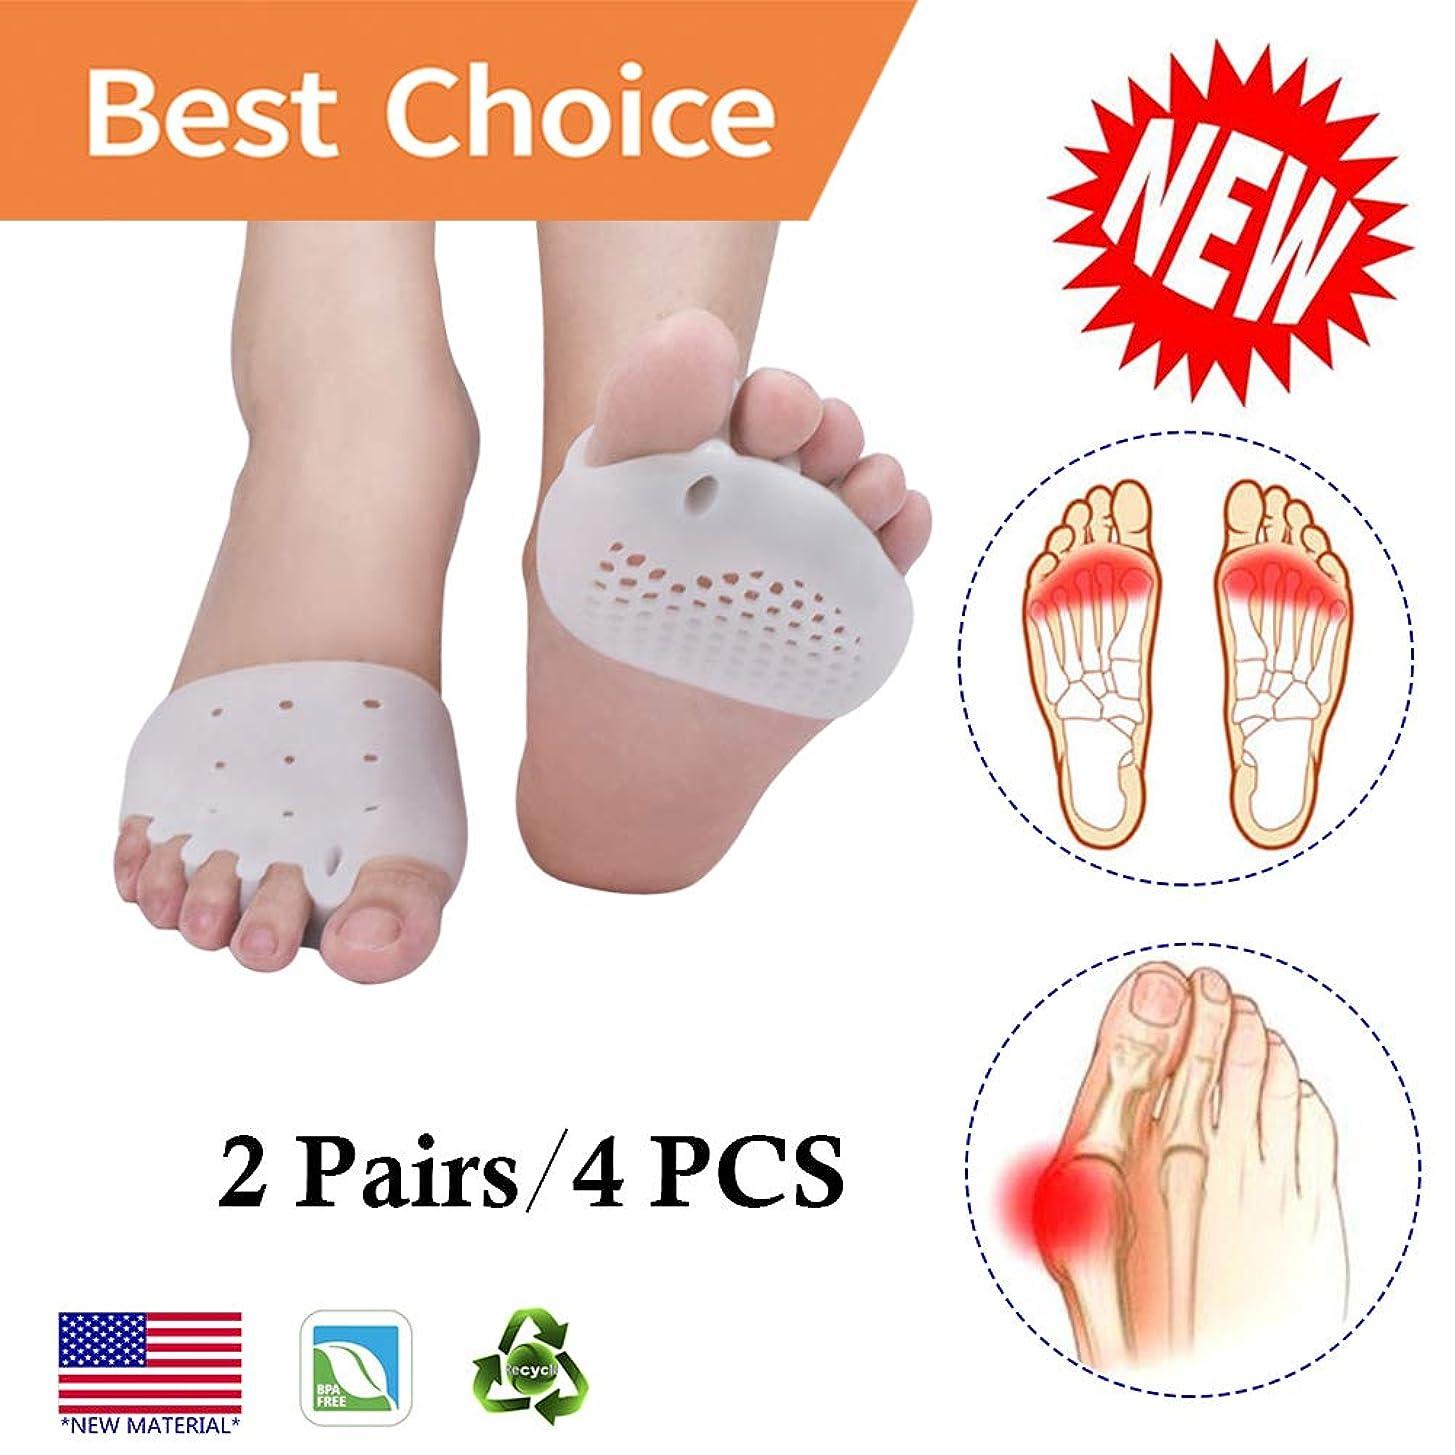 差し引く遺体安置所似ているPnrskter 足裏保護パッド 中足前足パッド 通気性 柔らかい ジェル 糖尿病の足に最適 カルス 水疱 前足痛 男性のための両方の足に使用することができます (白(6ピース))